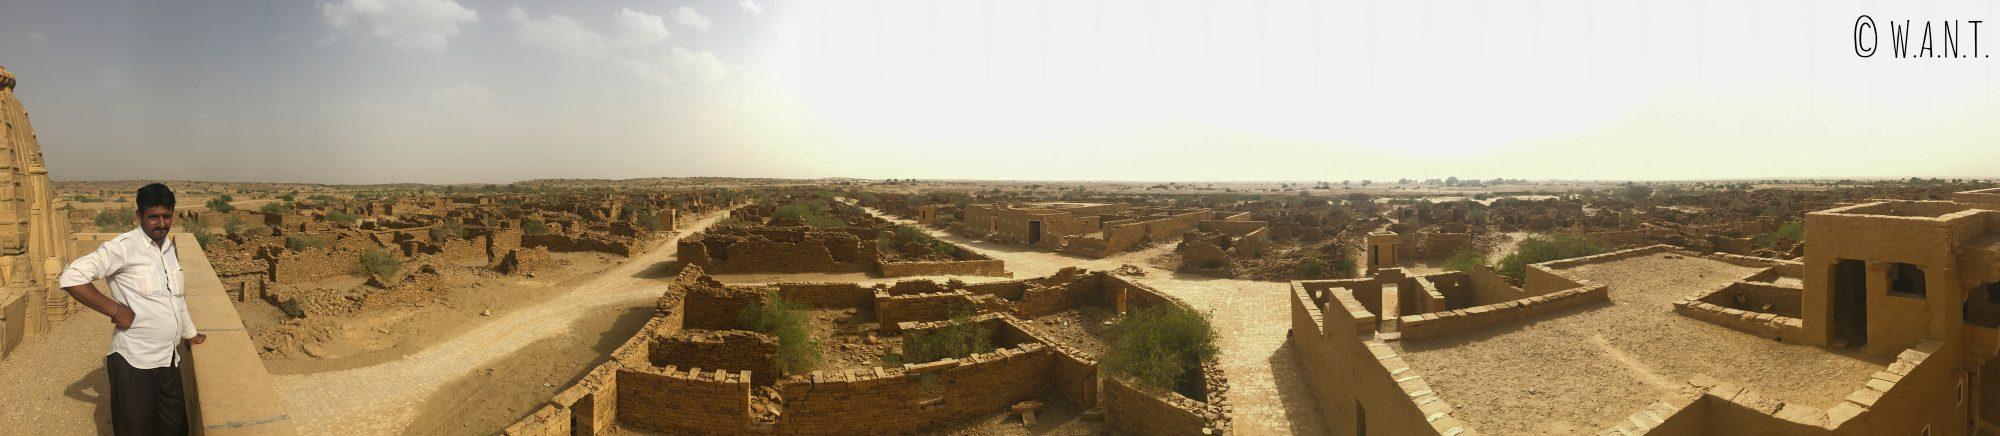 Panorama du Village vide de Kuldhara